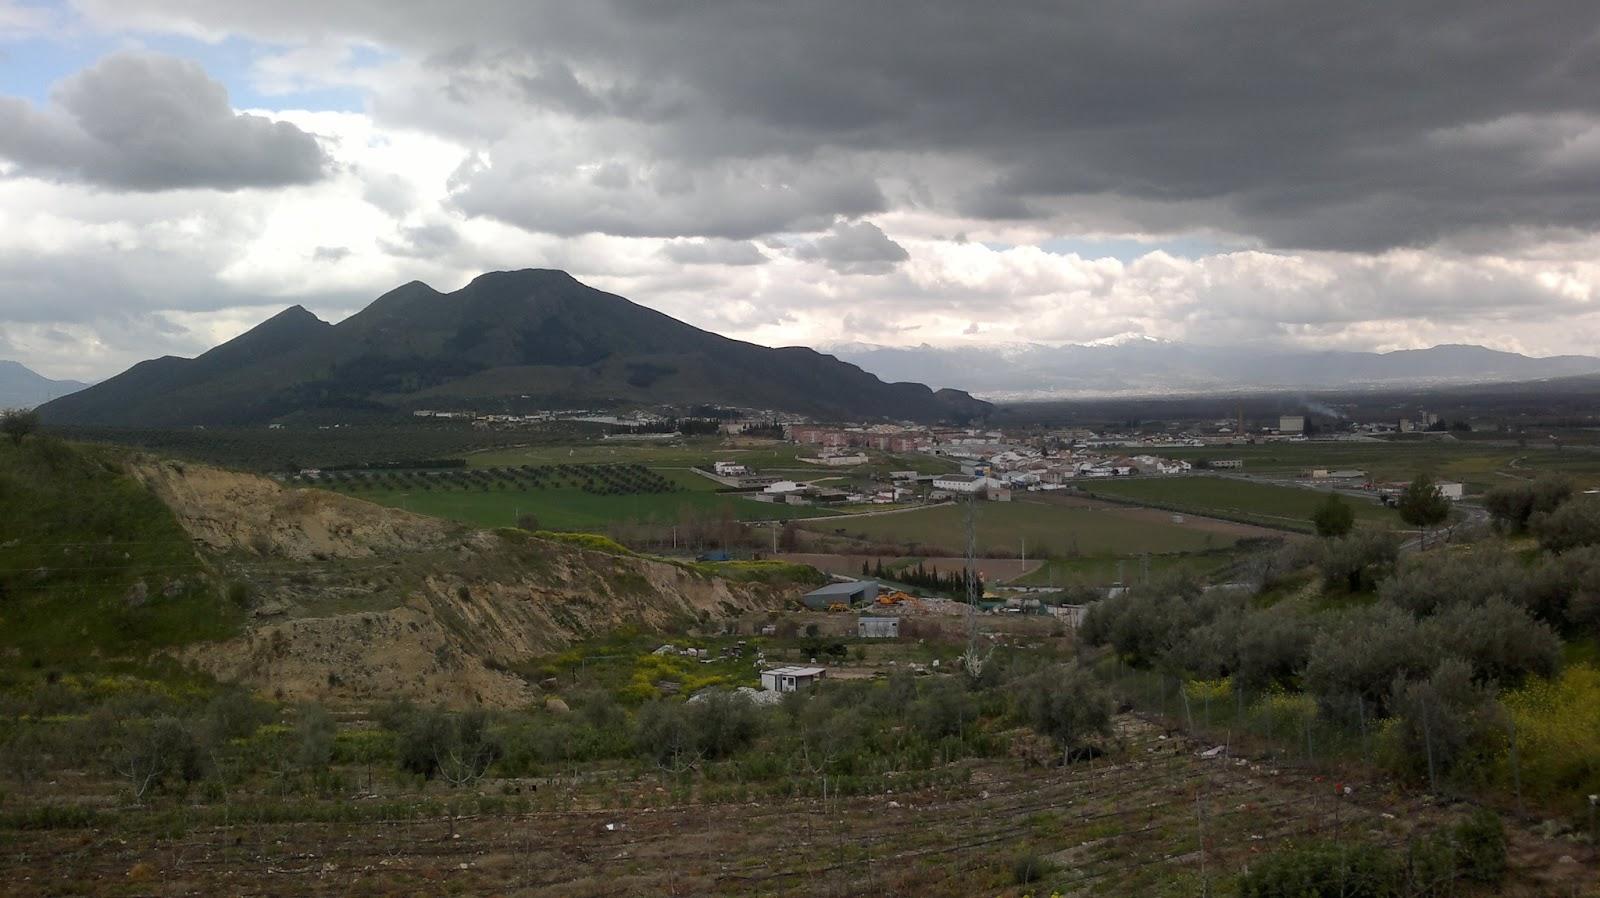 http://3.bp.blogspot.com/-QENtQ4epKhk/UVinU3J_HBI/AAAAAAAAJIA/Uy2oXetBweA/s1600/El+Piorno+y+Pinos+nublado+desde+El+Cerro+Infantes.+23+marzo+2013.jpg